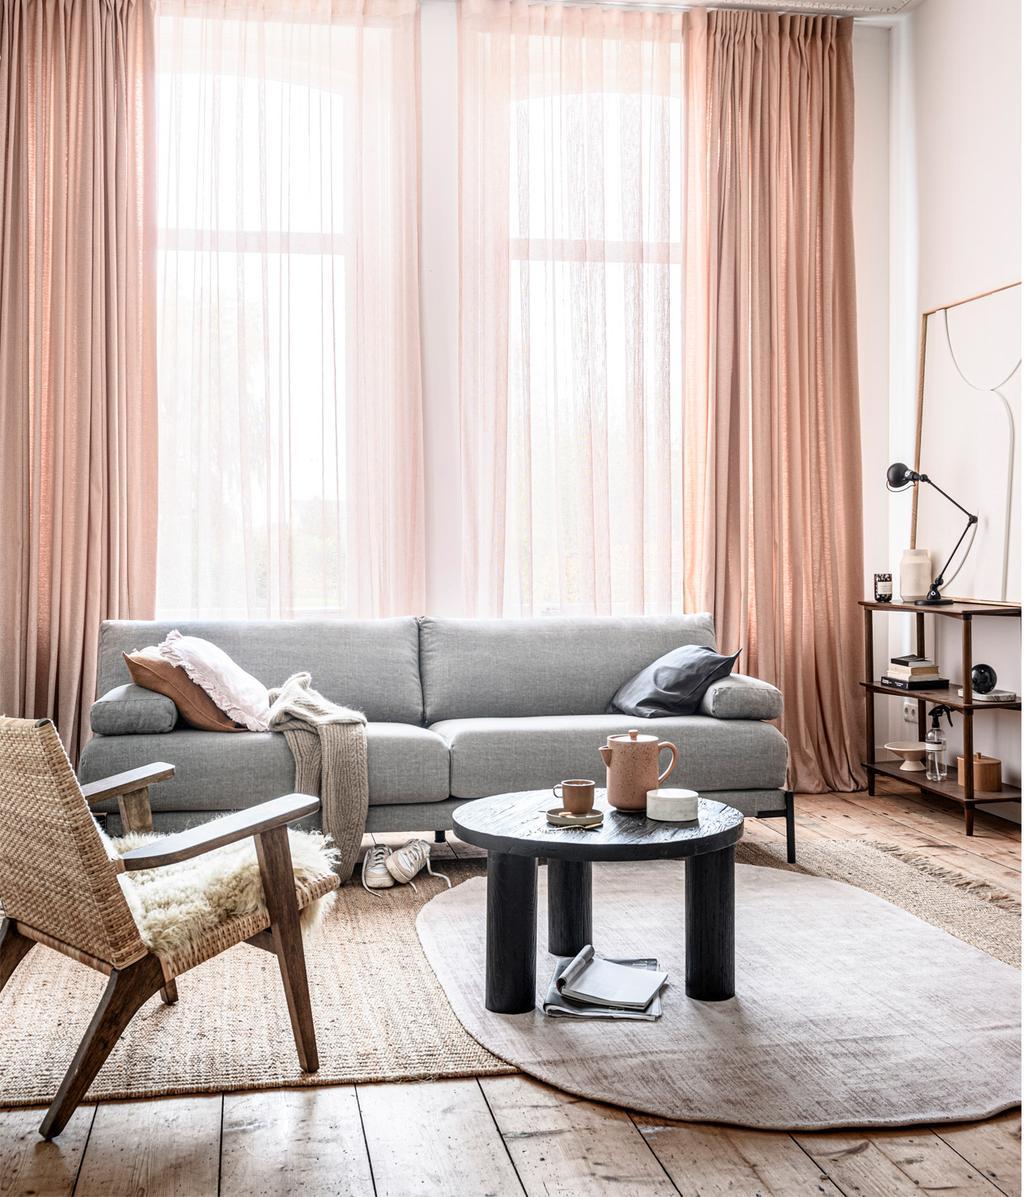 Raamdecoratie op maat | woonkamer | vtwonen 13-2020